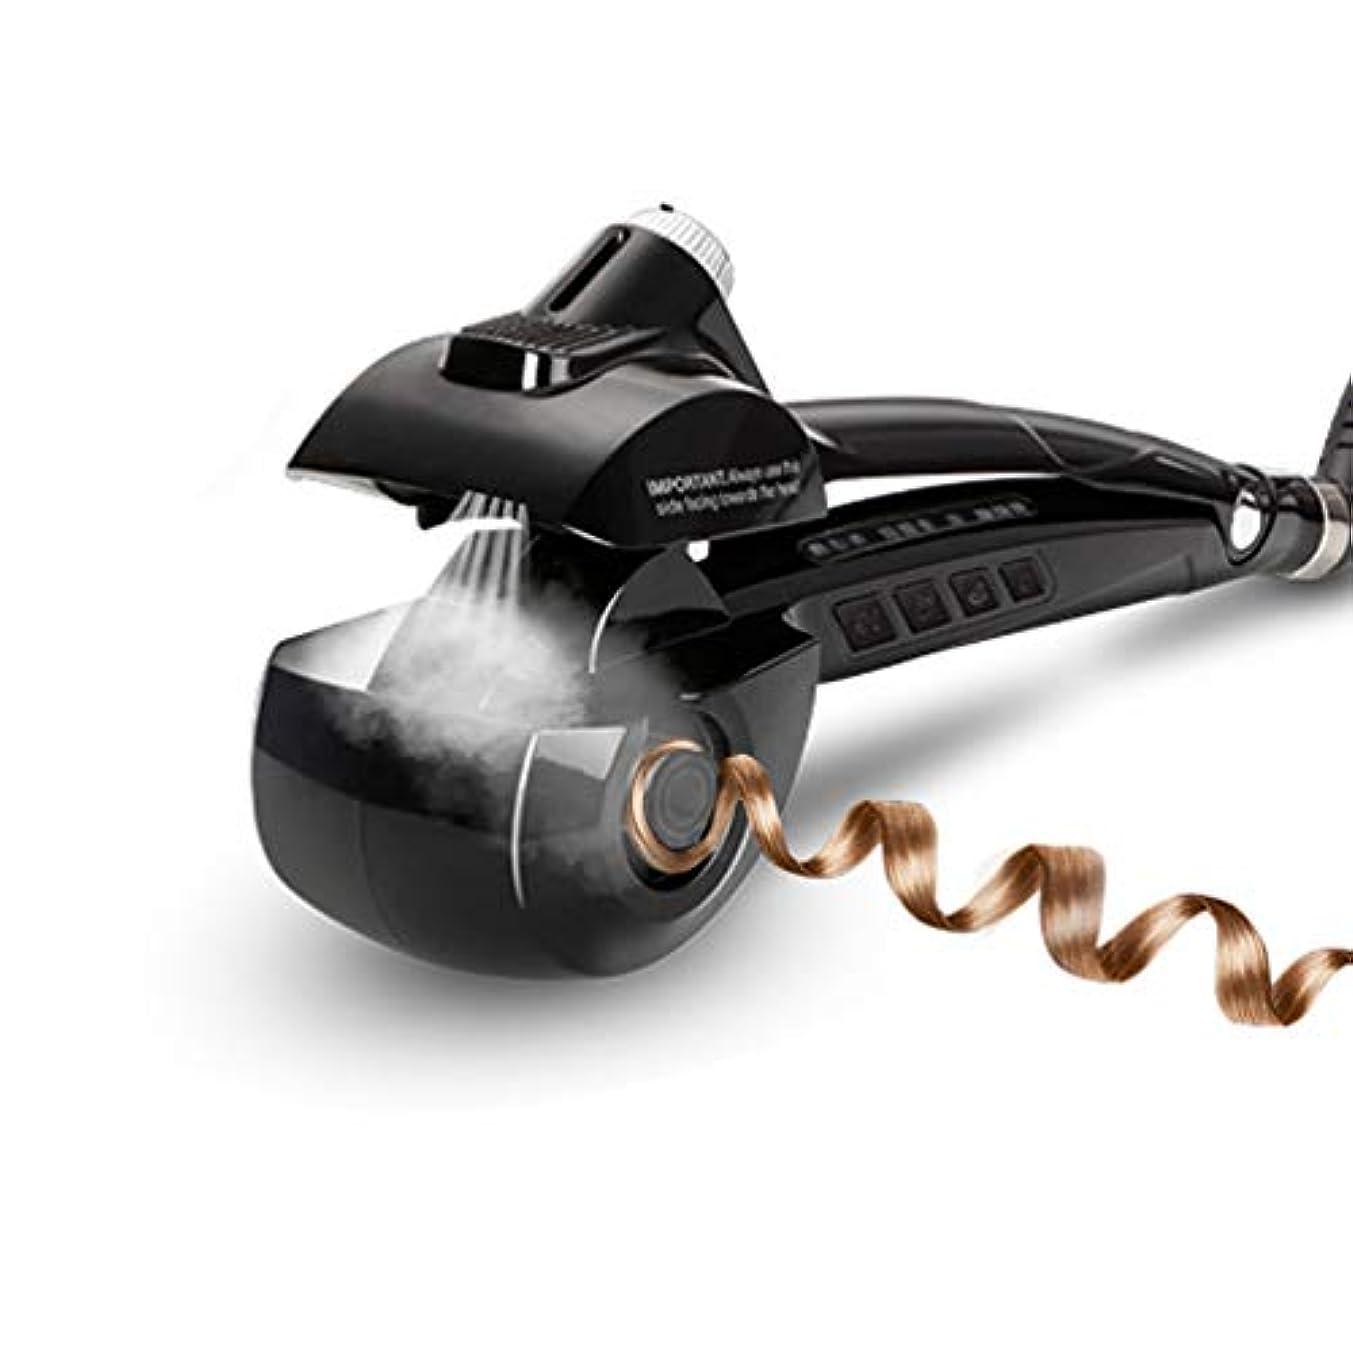 振りかけるコール黒くする女性自動ヘアカーラースチームヘアカーラーセラミックカールマシンアンチもつれヘアスチームセラミックカーリングワンド自動カーリングワンドサロンプロフェッショナルツール